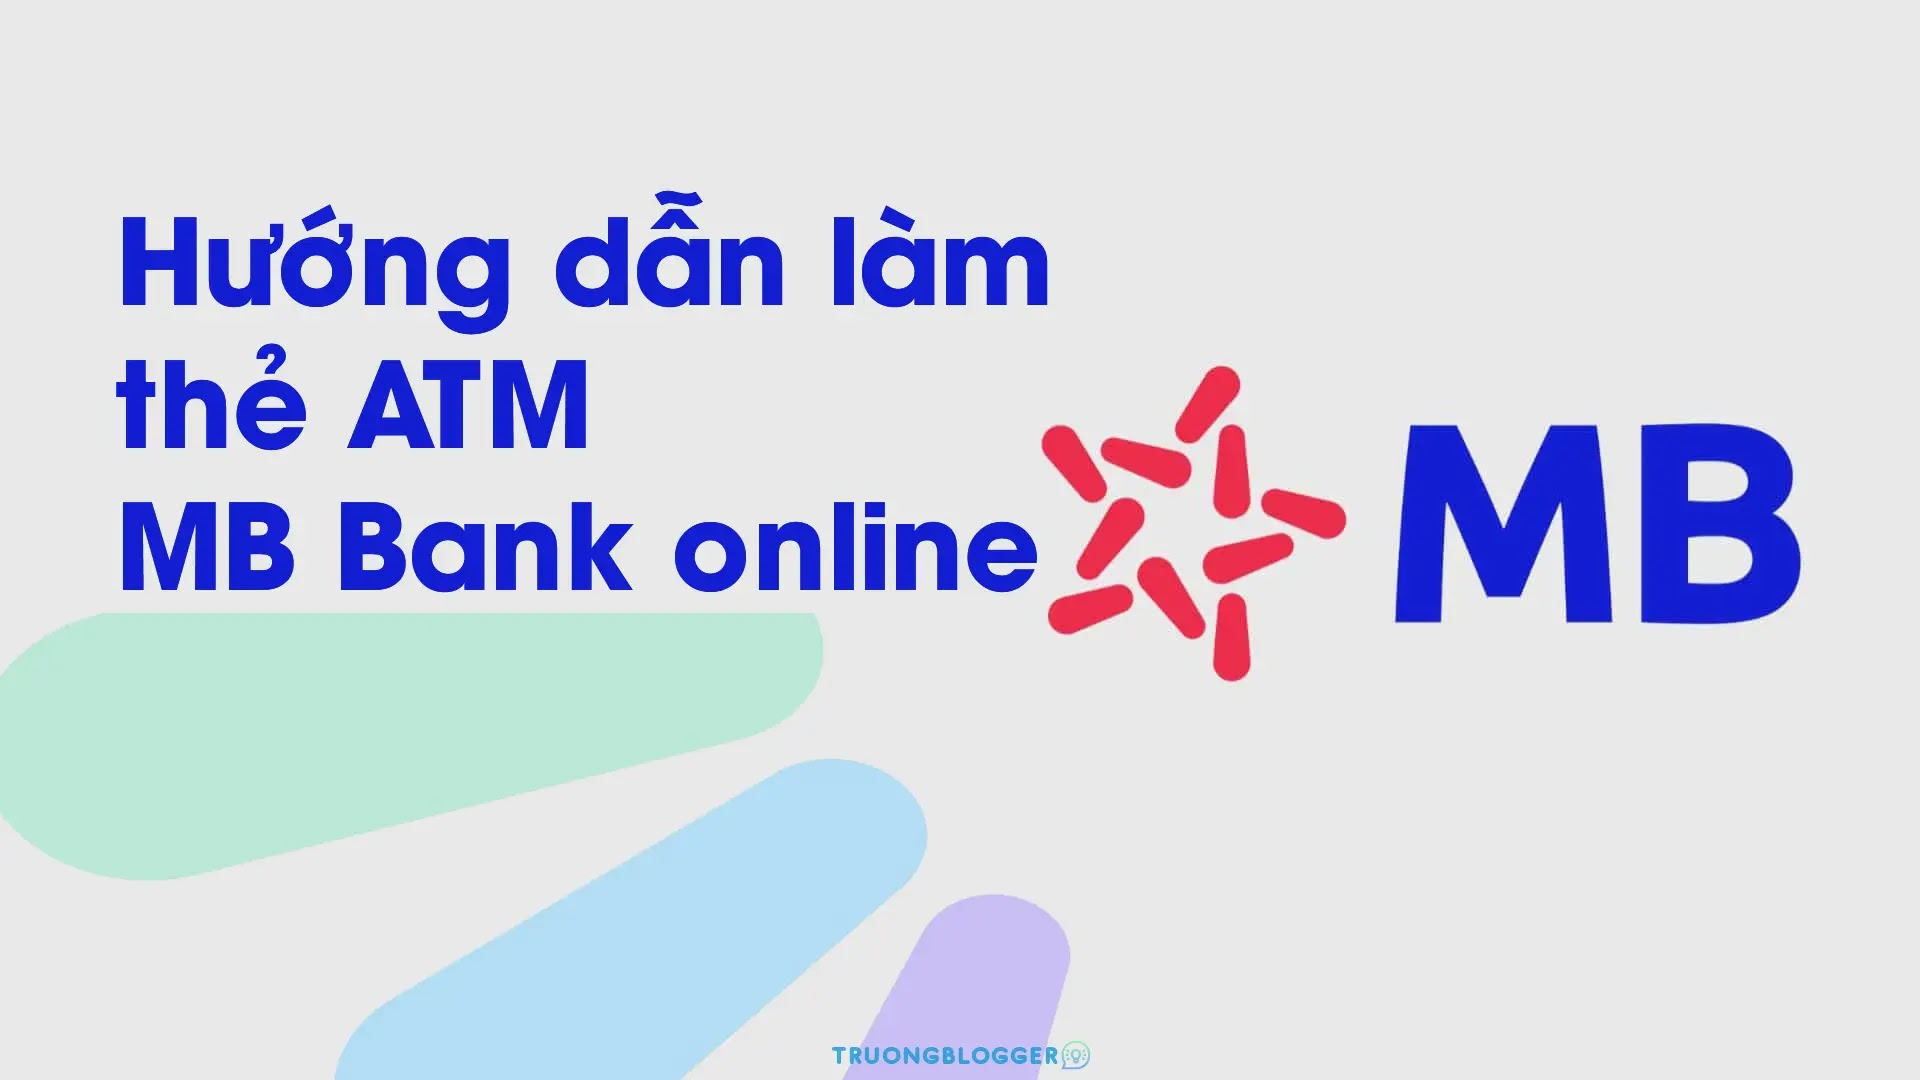 Hướng dẫn cách làm thẻ ngân hàng MB Bank Online số đẹp, miễn phí phát hành thẻ ATM